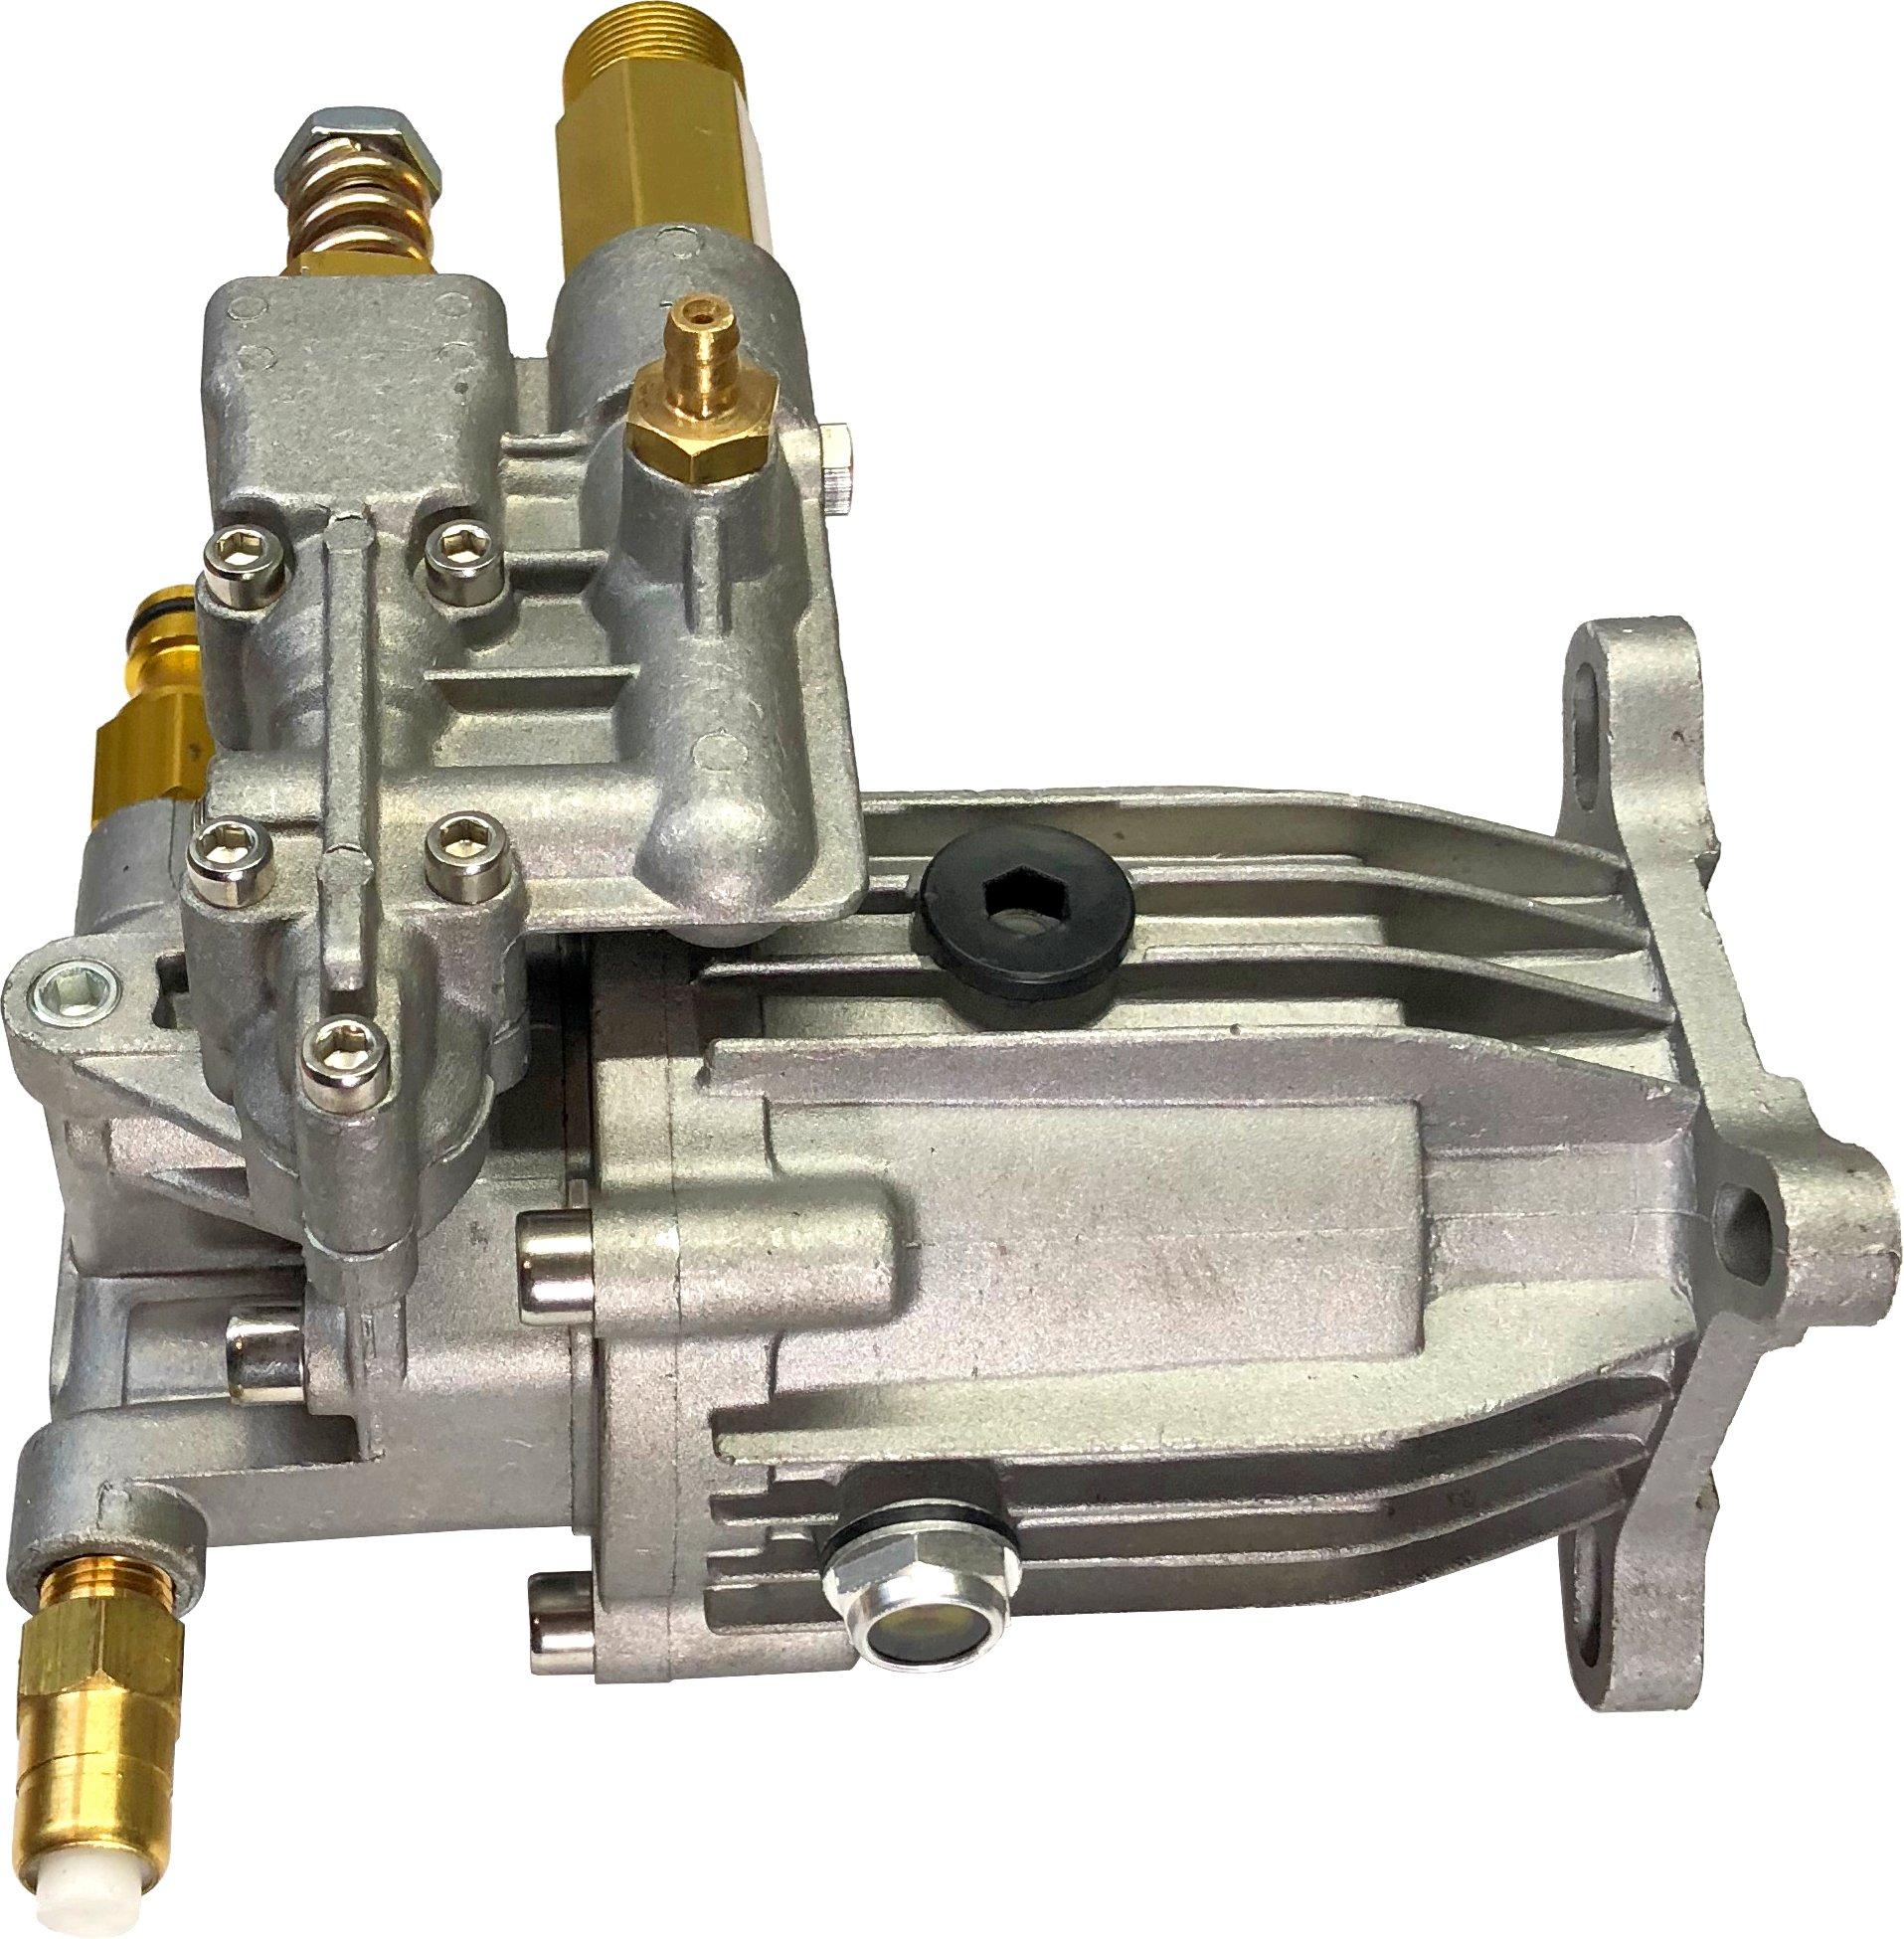 Hochdruckpumpe-fr-Benzinhochdruckreiniger-max-220-bar-Ersatzpumpe-Benzin-Hochdruckreiniger-Hochdruckpumpe